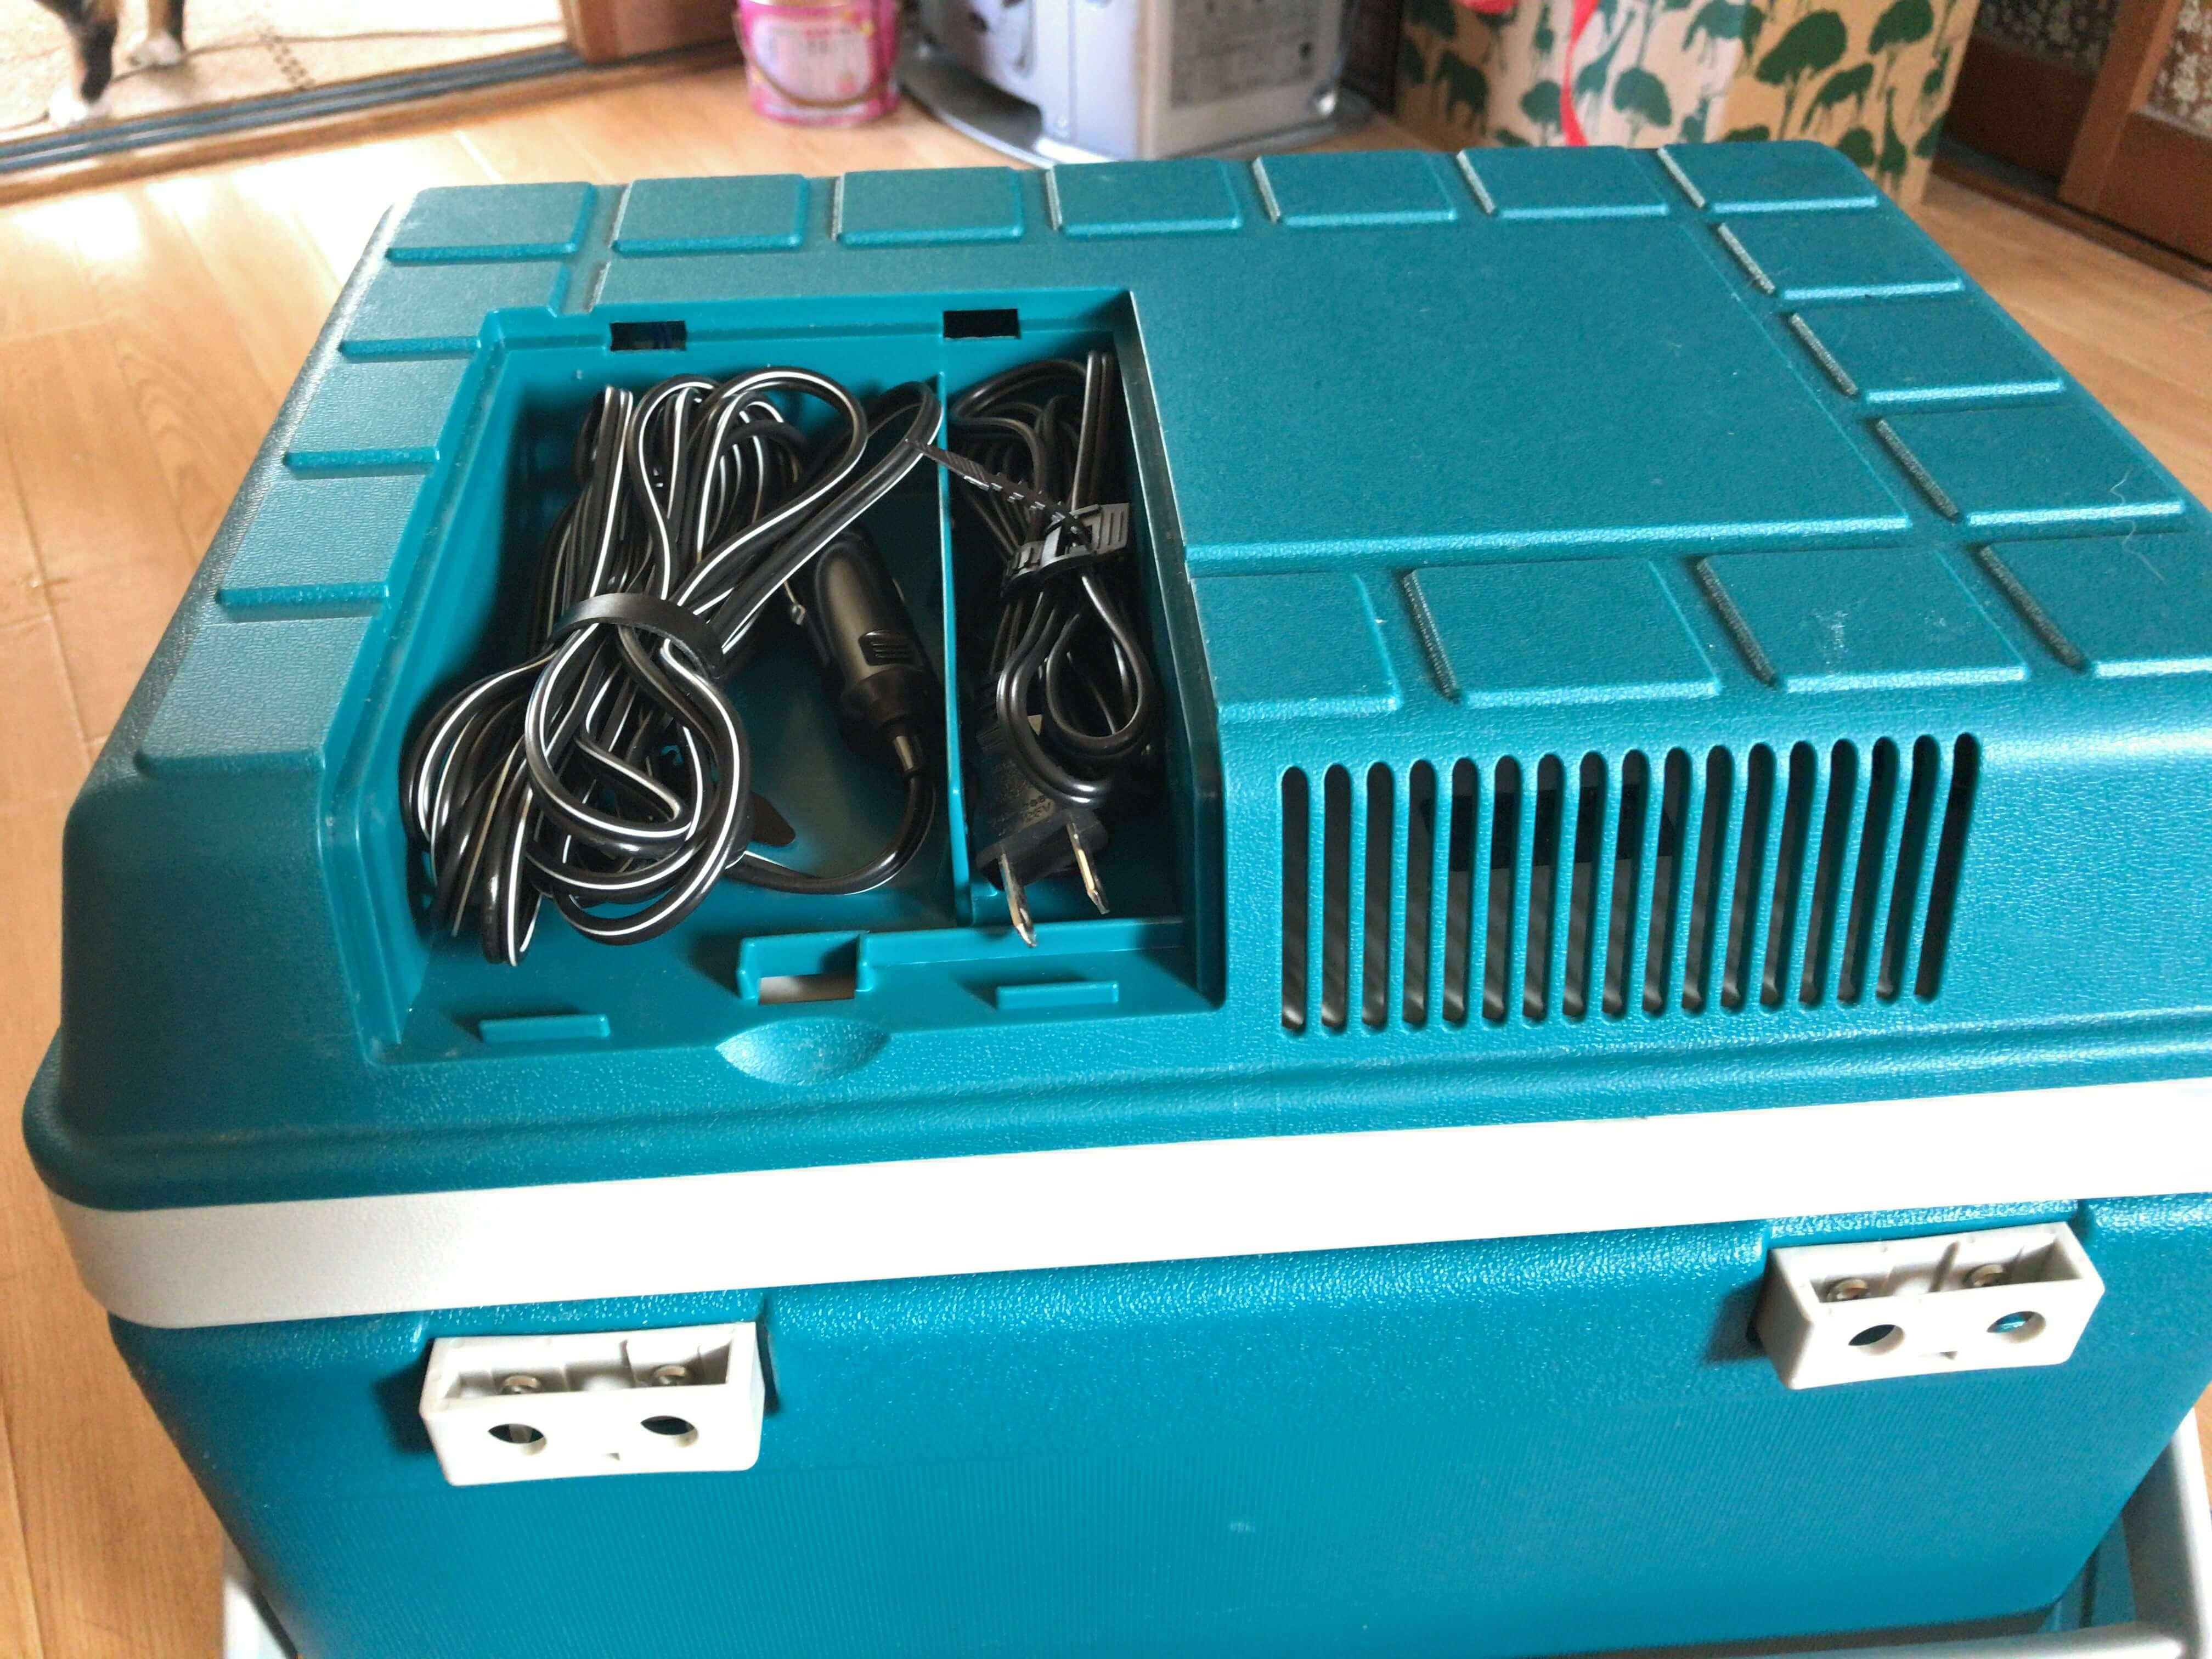 クーラーボックスのフタに収納されているAC-DCの電源コード